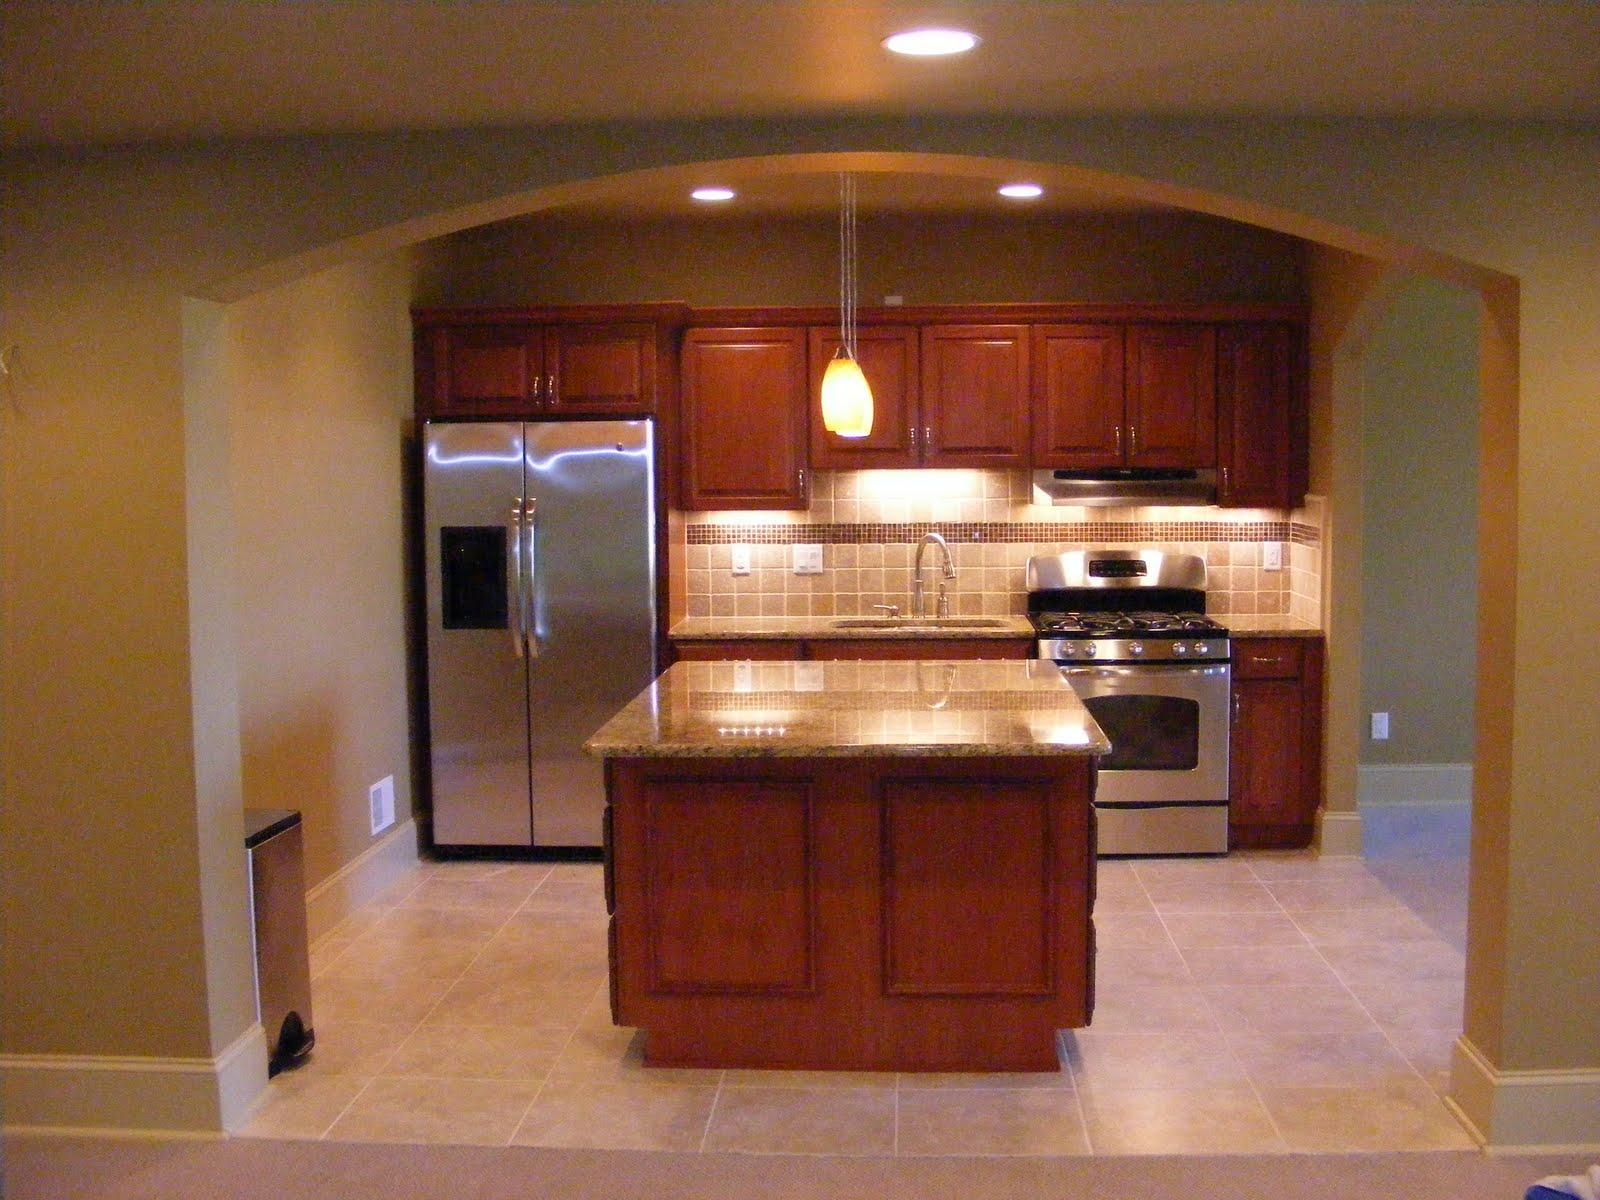 Basement kitchen design small basement kitchen layout for Small basement kitchen